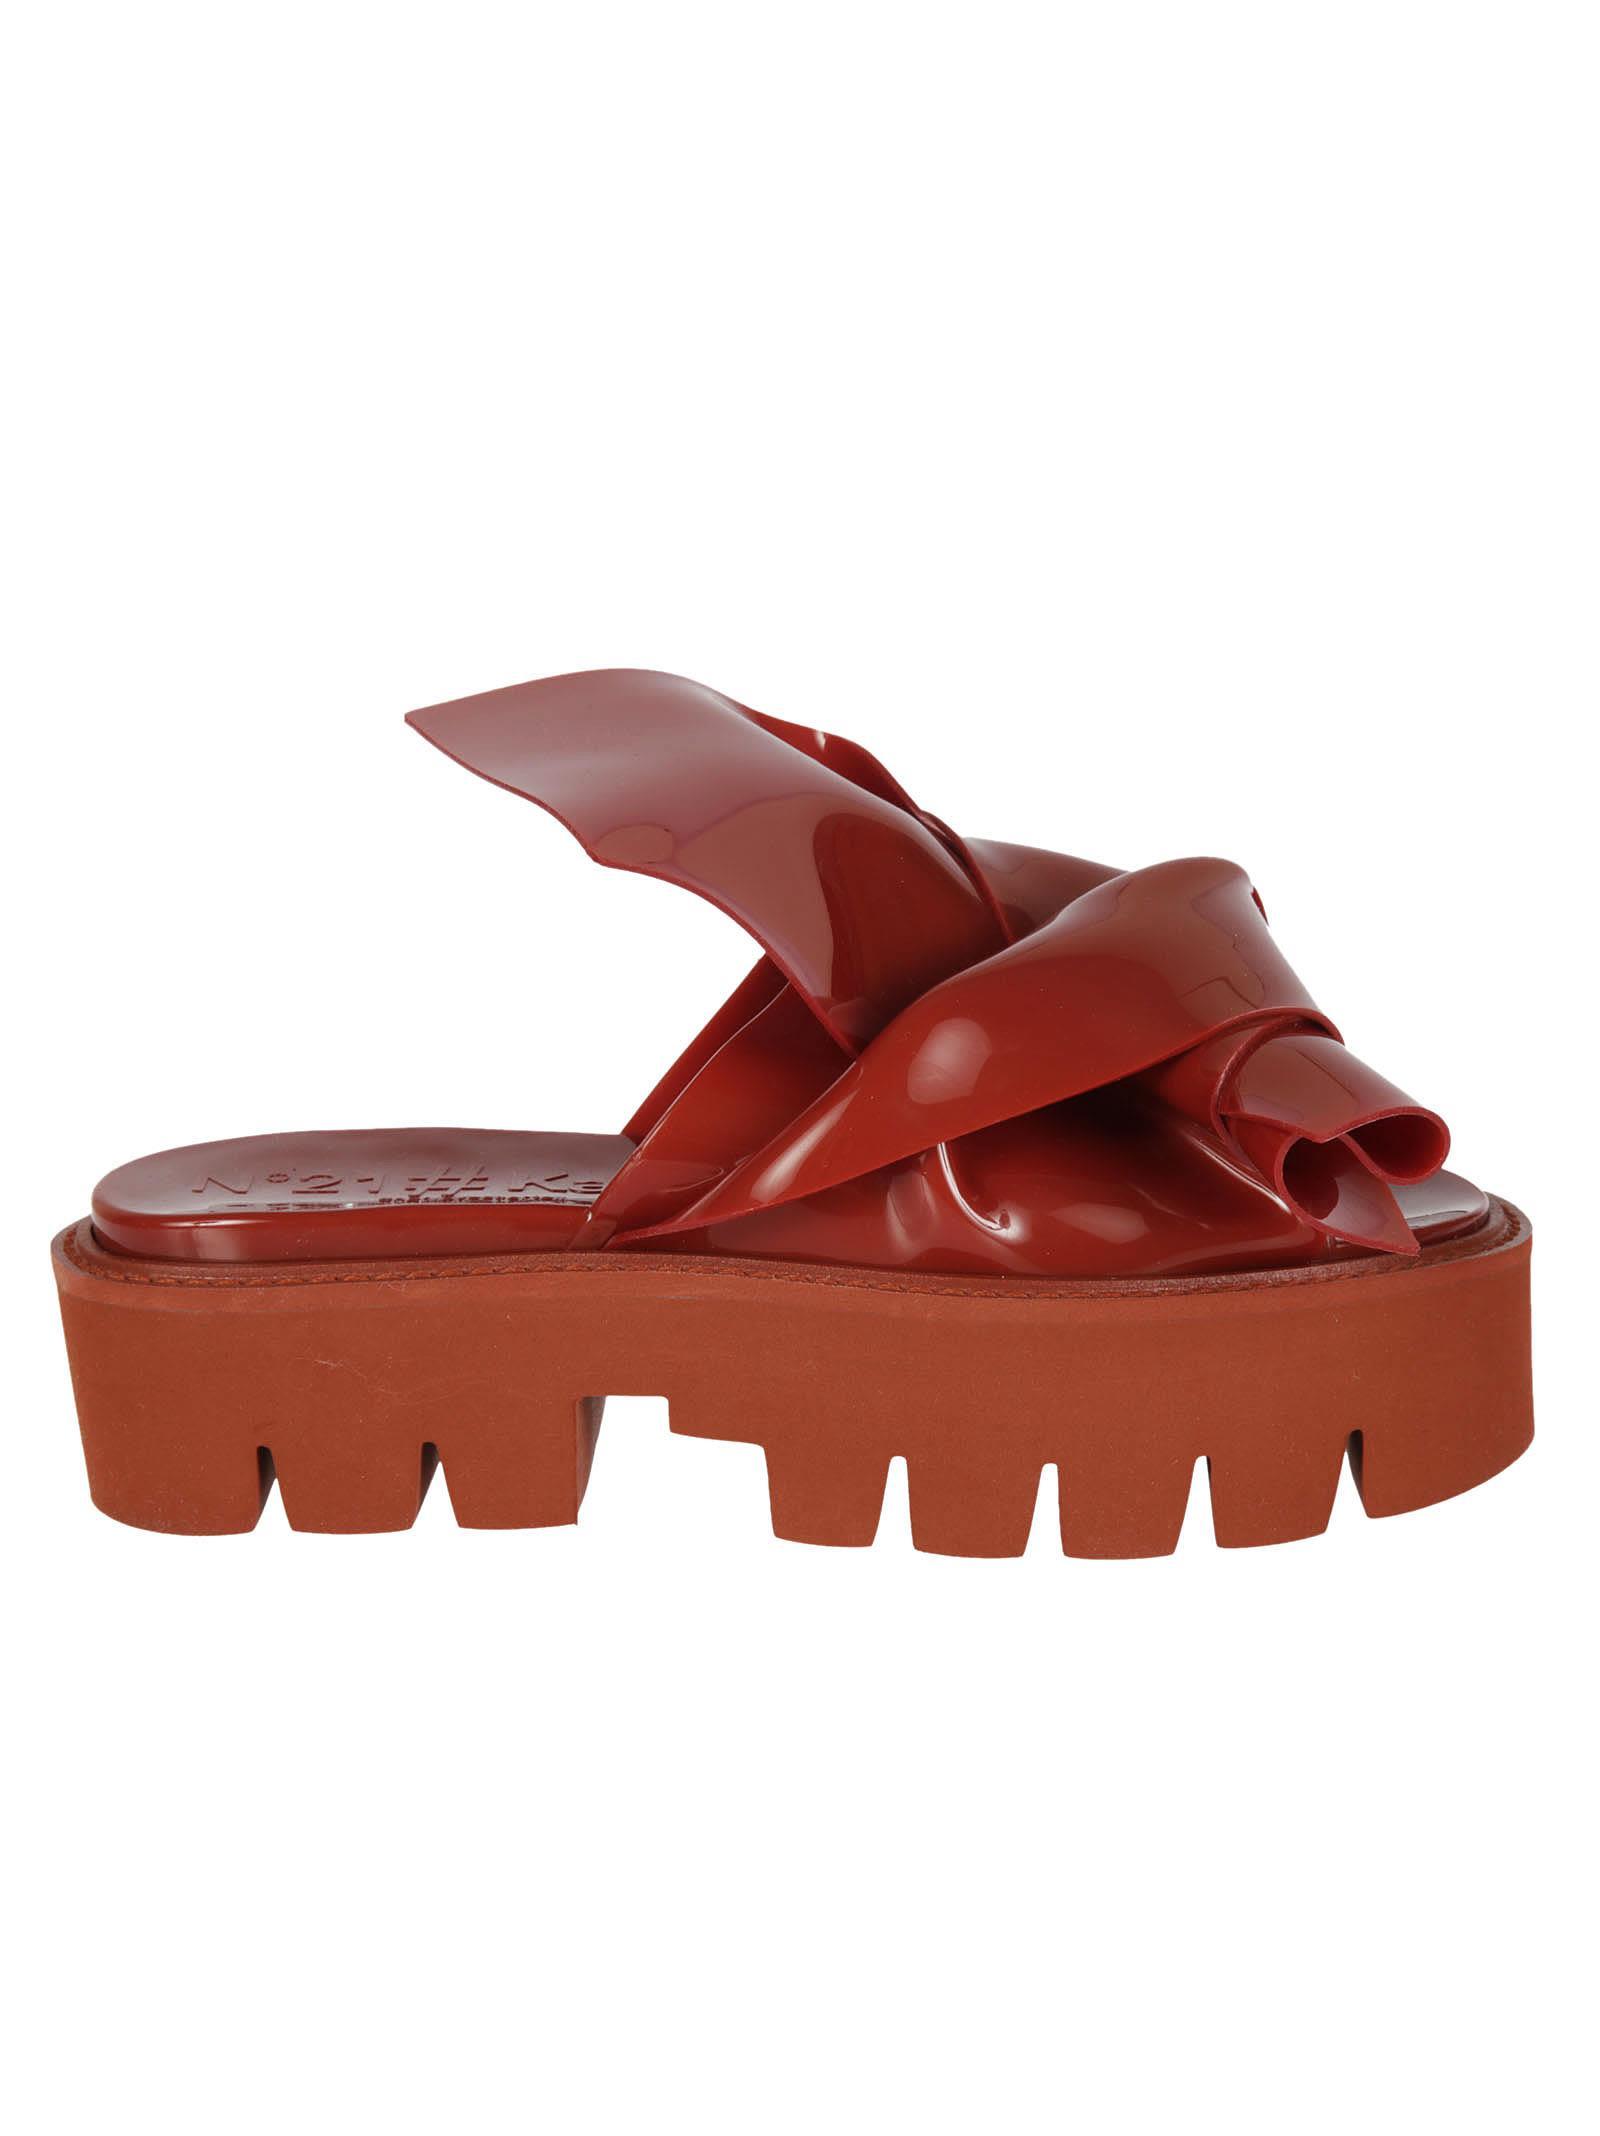 N 21 Knot Slider Sandals